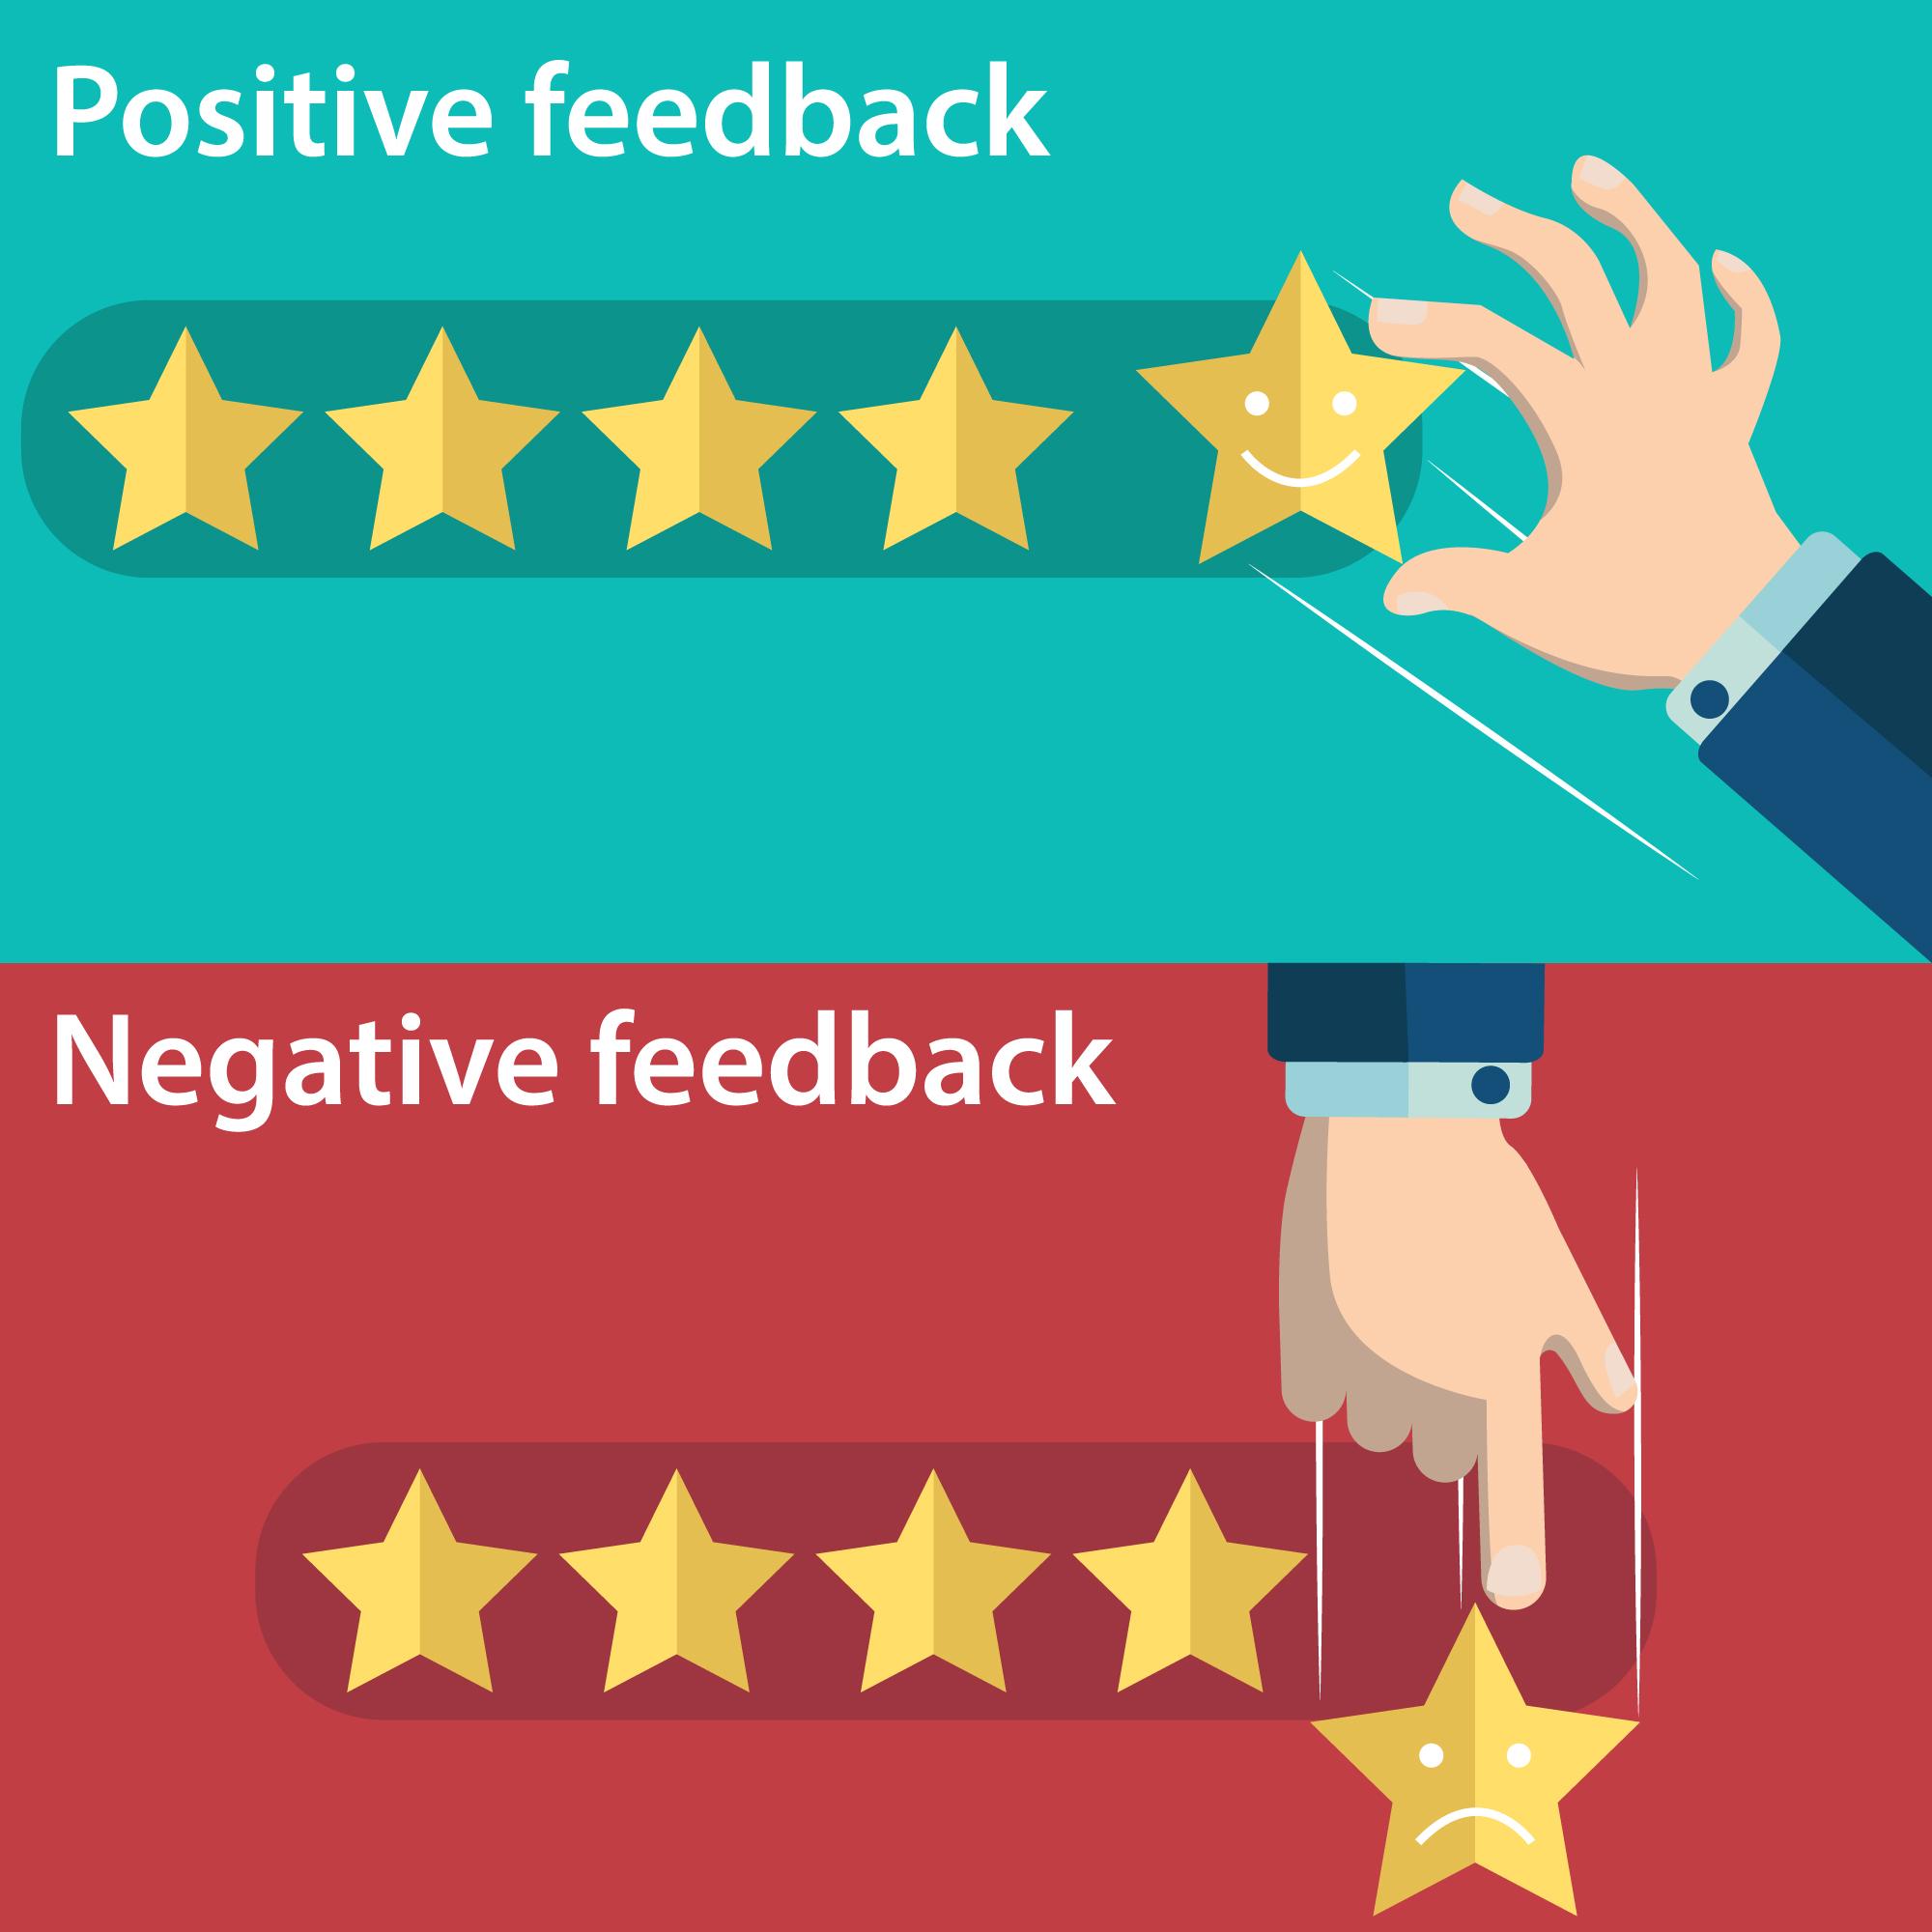 Khách hàng muốn biết cả tốt lẫn xấu trước khi quyết định mua sản phẩm